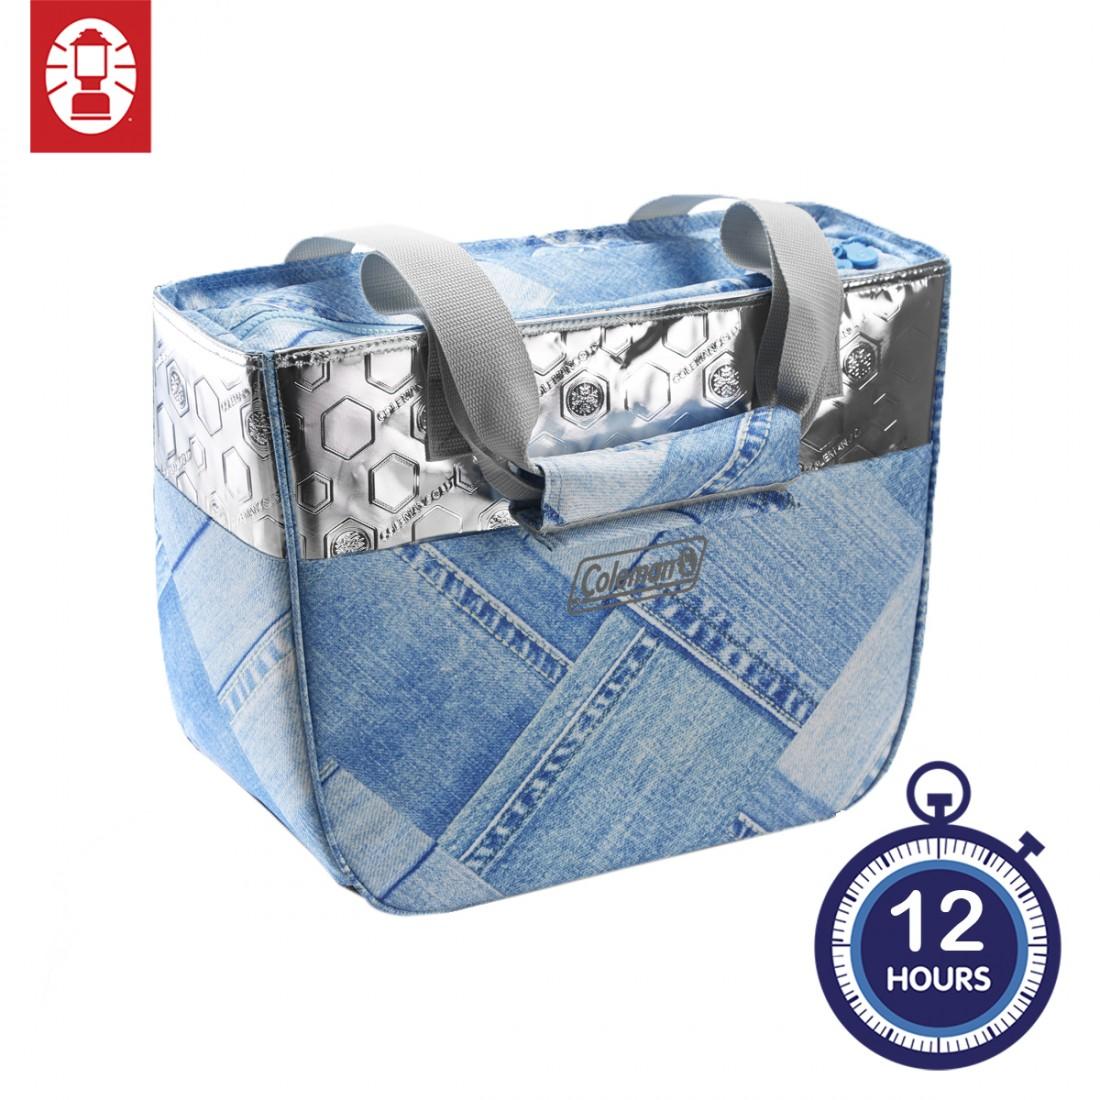 Coleman 12 Hours Denim Soft Cooler - 18 Litre